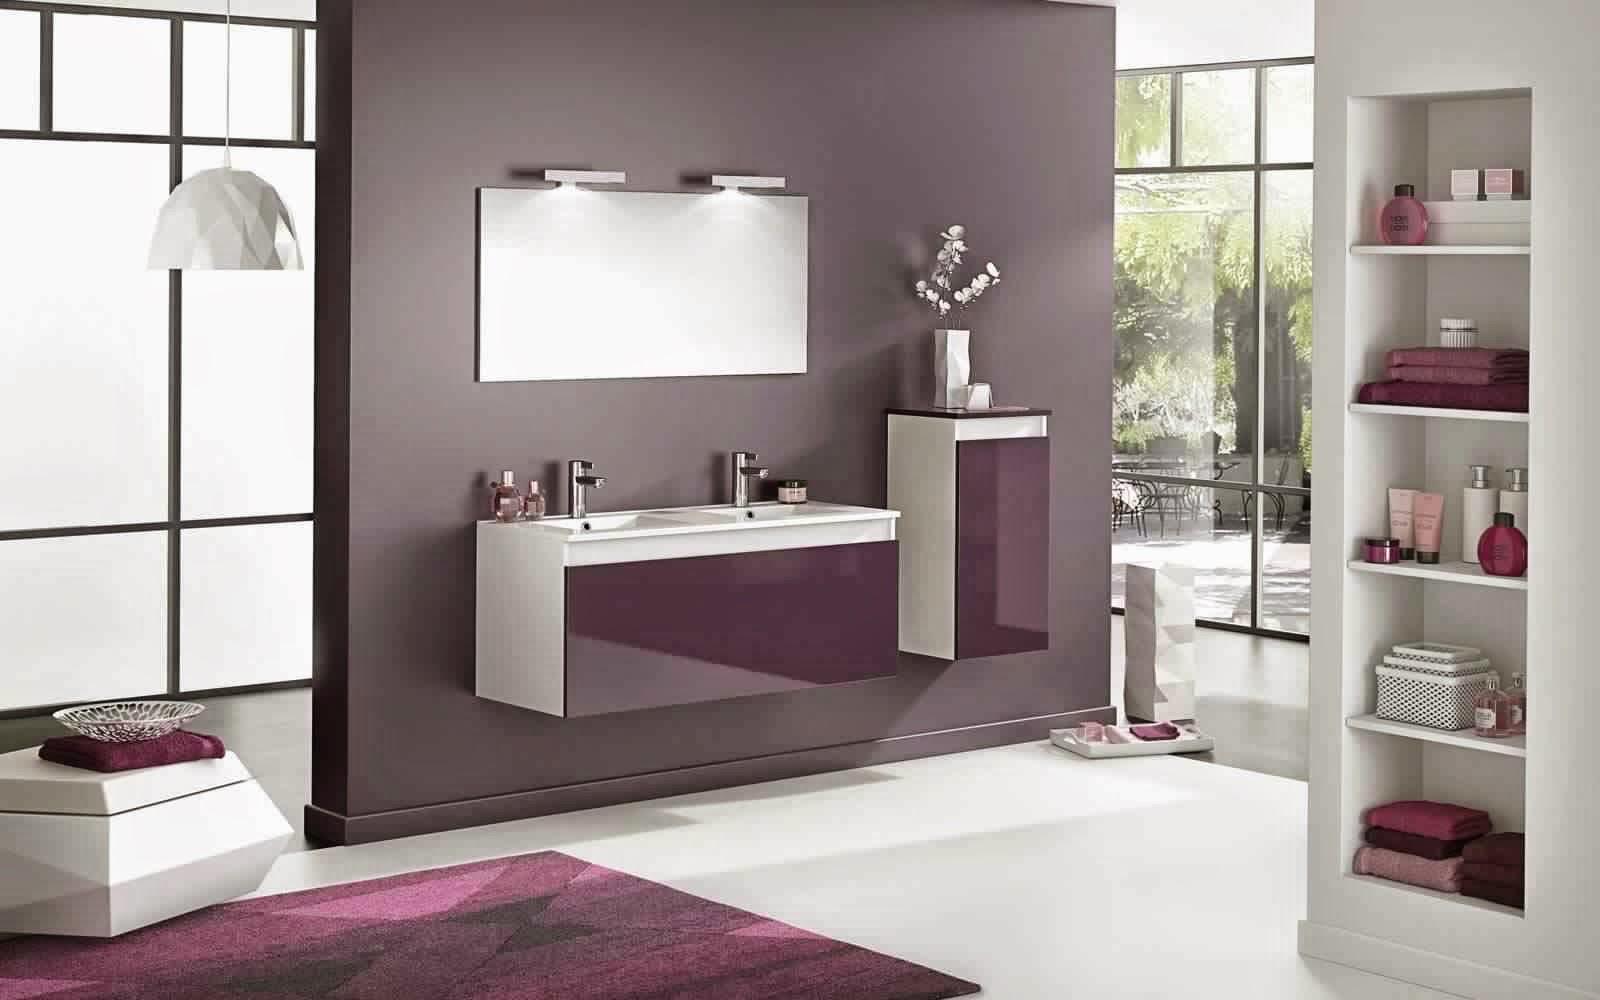 meubles de salle de bain meuble d coration maison